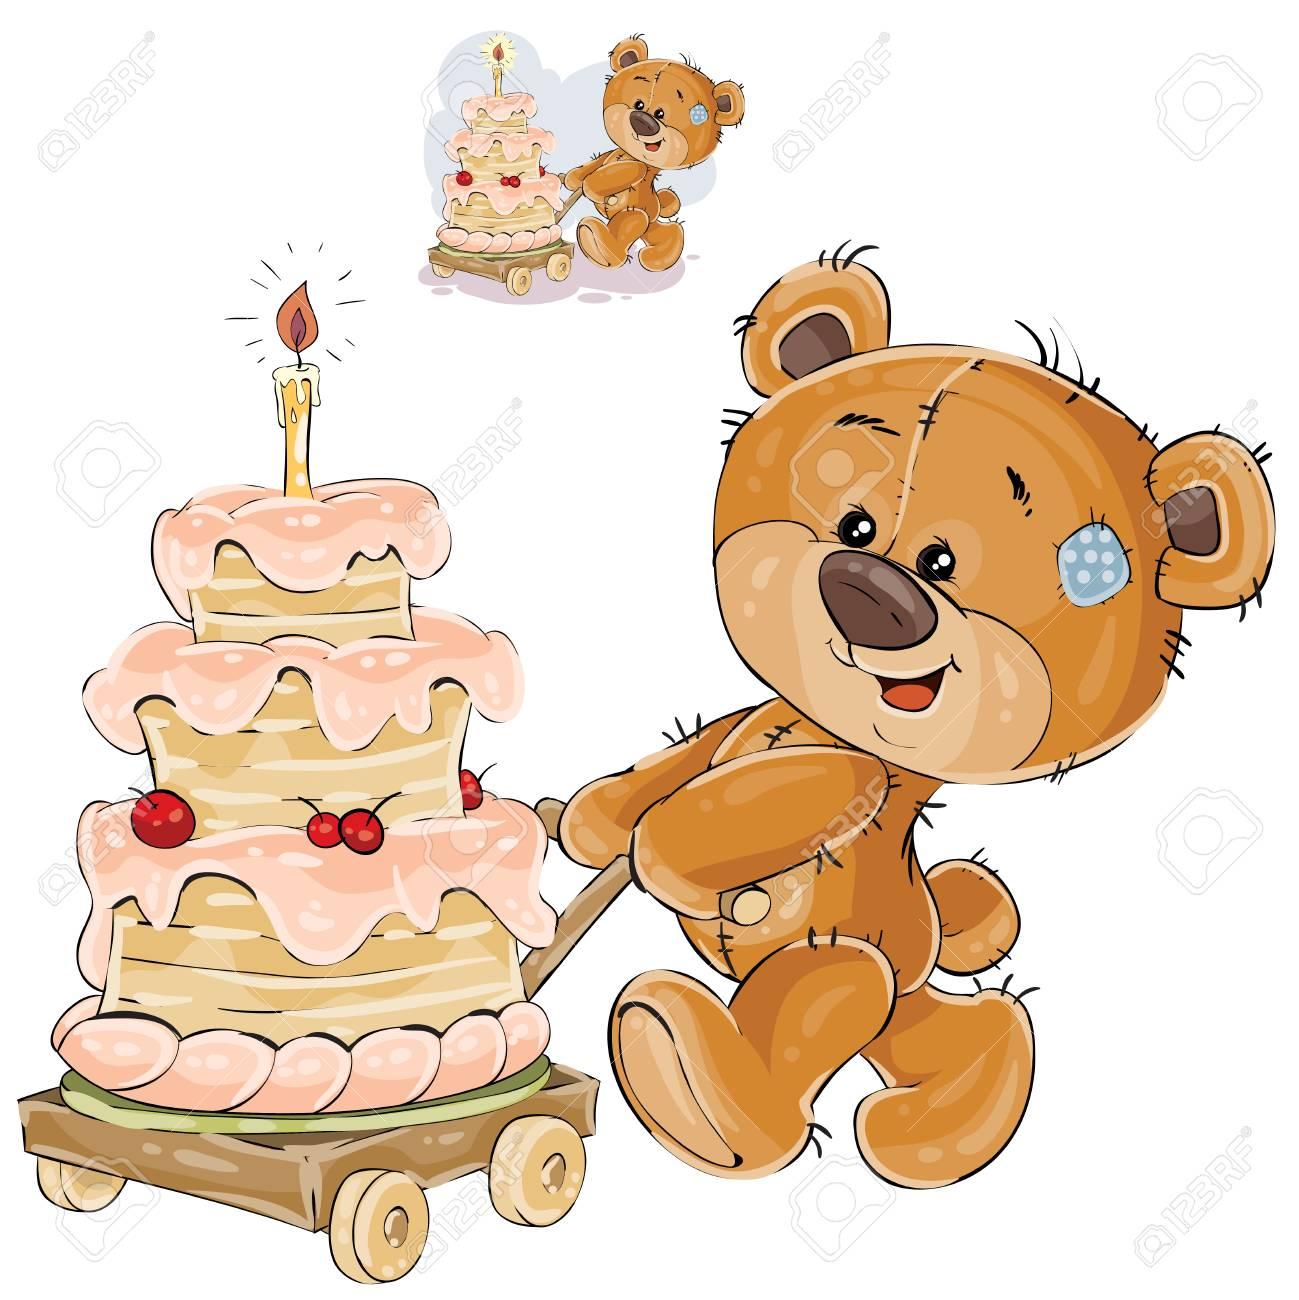 Foto de archivo - Vector el ejemplo de un oso de peluche marrón que rueda  un carro con un pastel de cumpleaños. Imprimir 717f85dc6c7